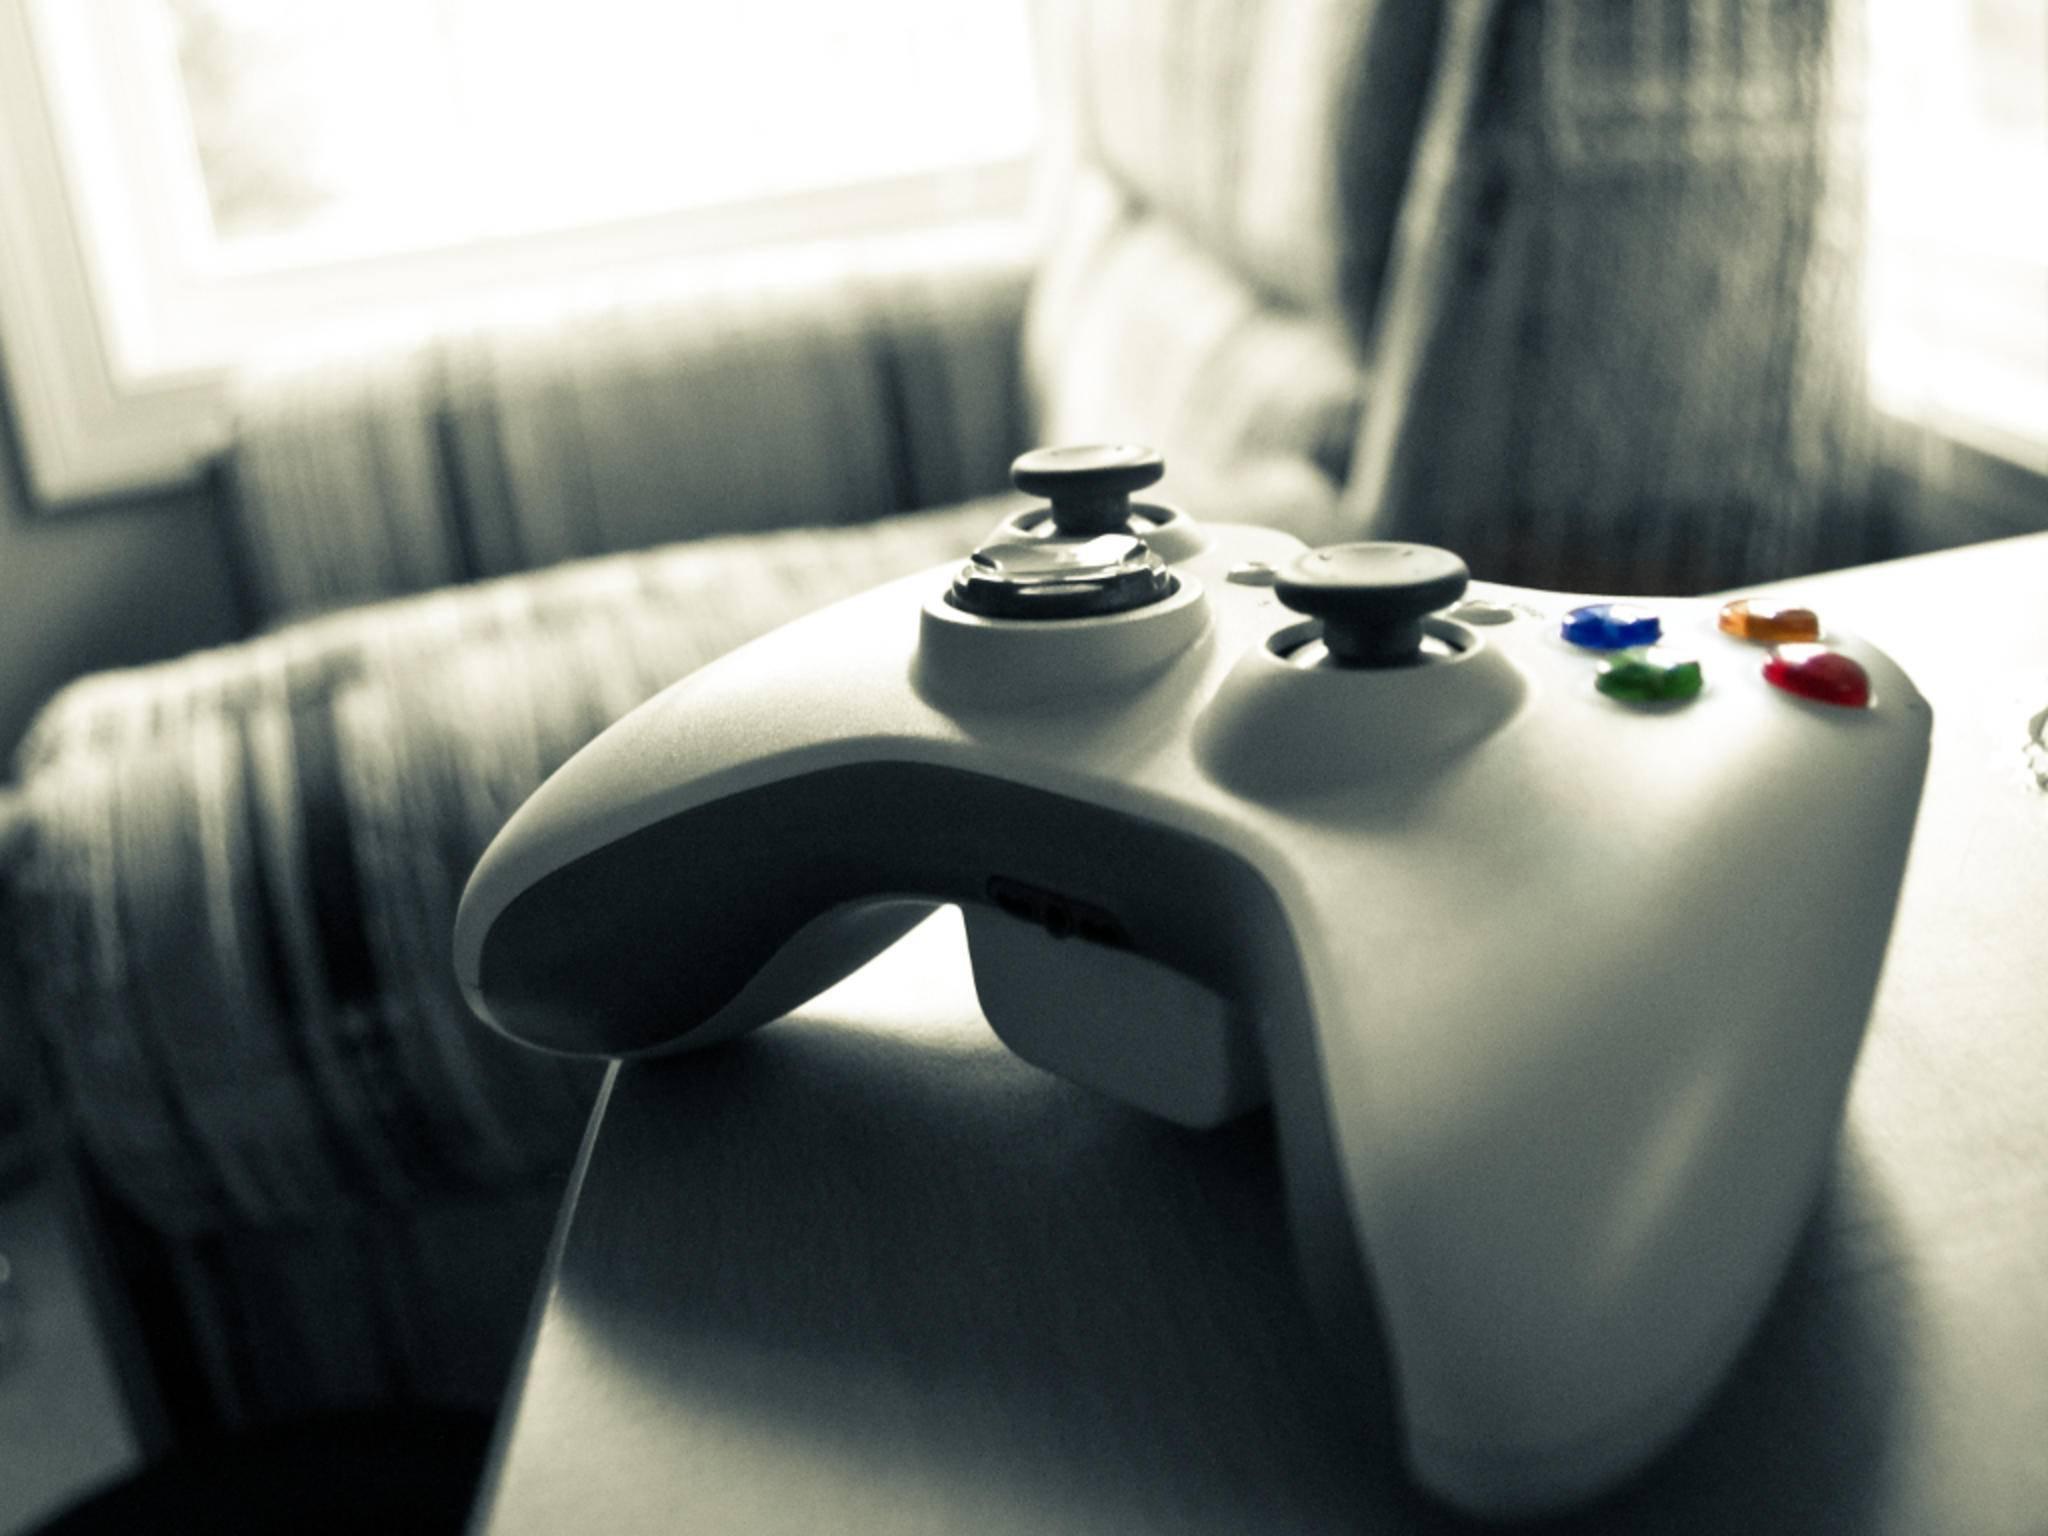 Die Xbox 360 bekommt ein großes Update verpasst.